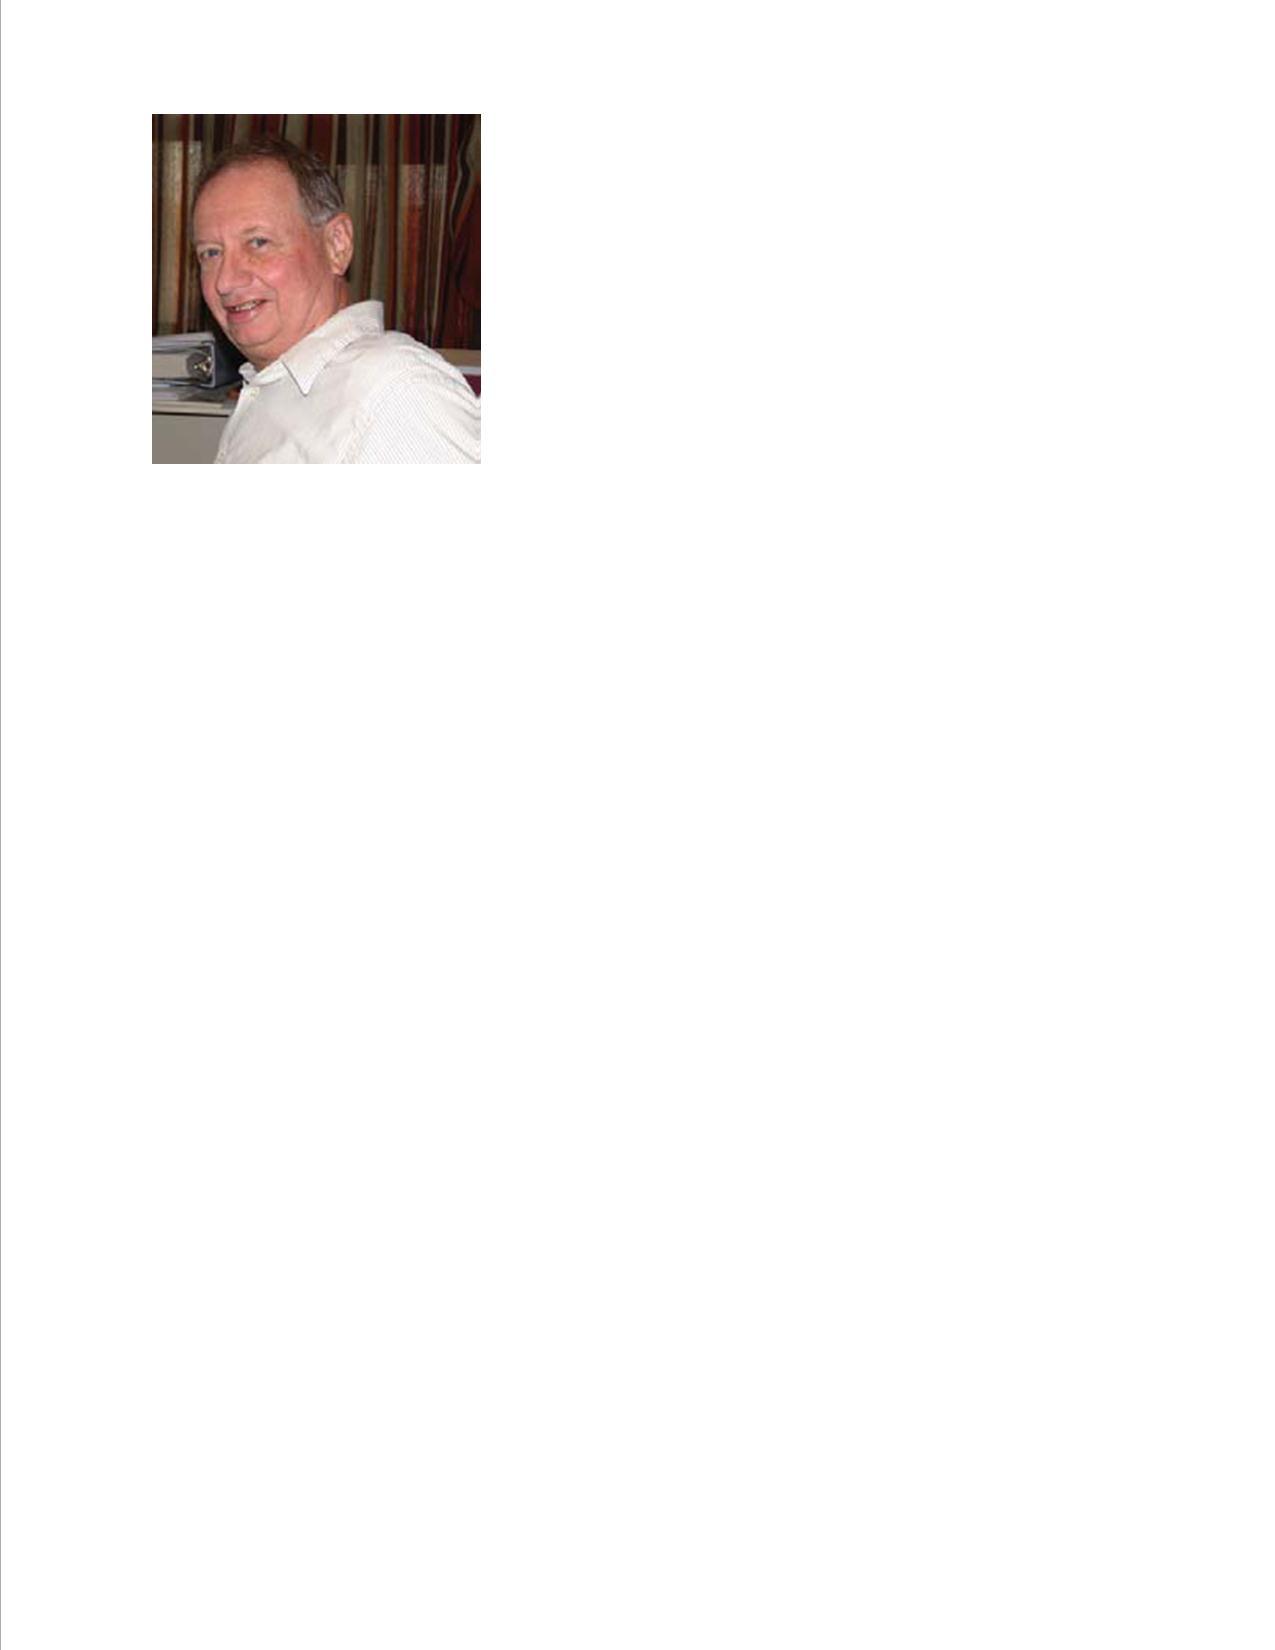 Dr. James Van Etten